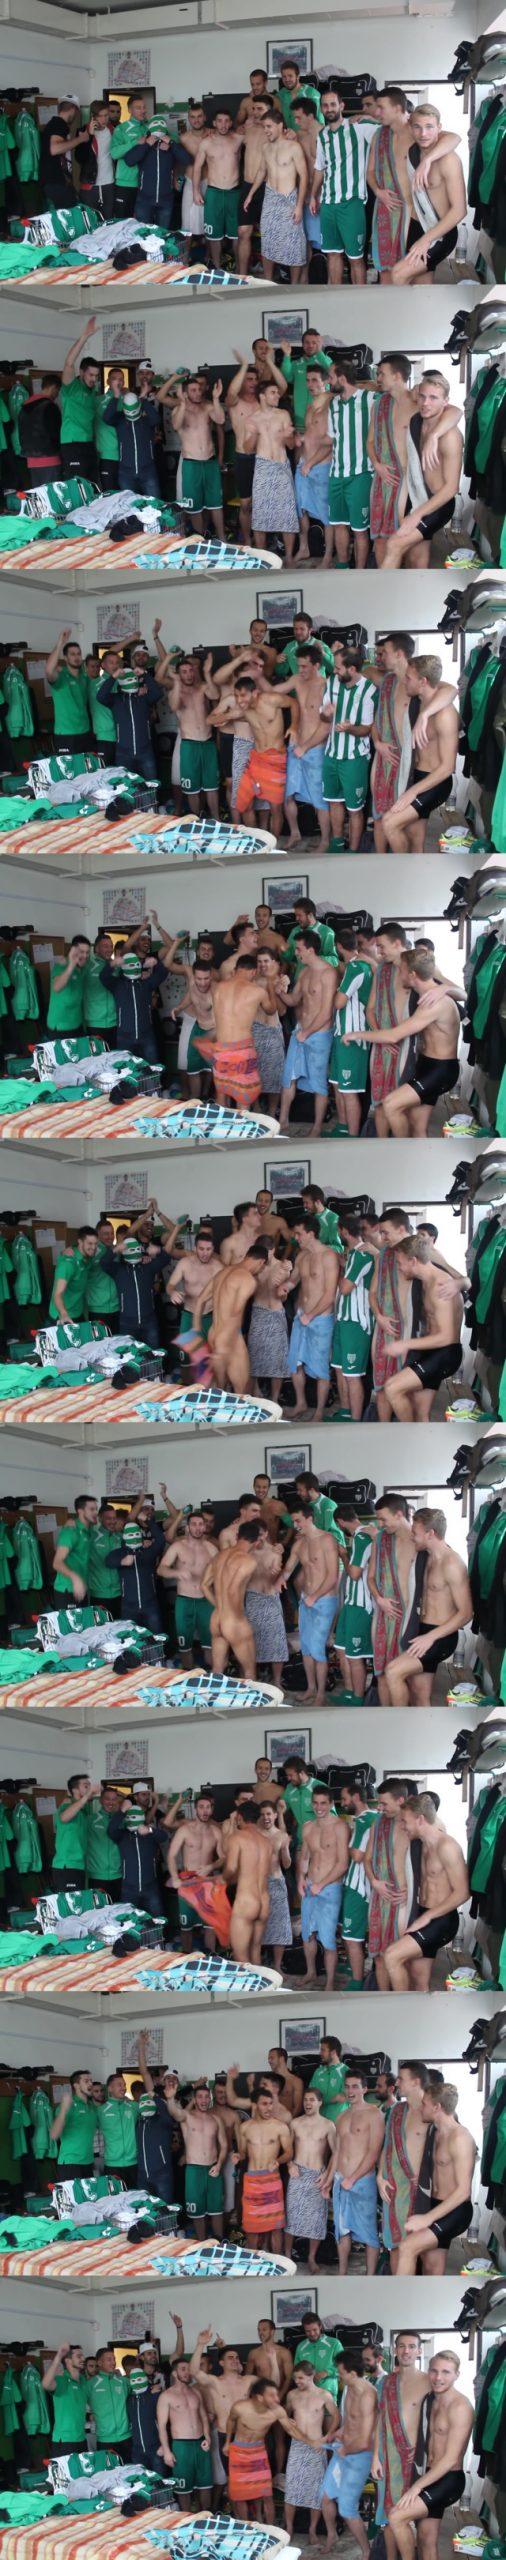 footballers undressing mate in locker room